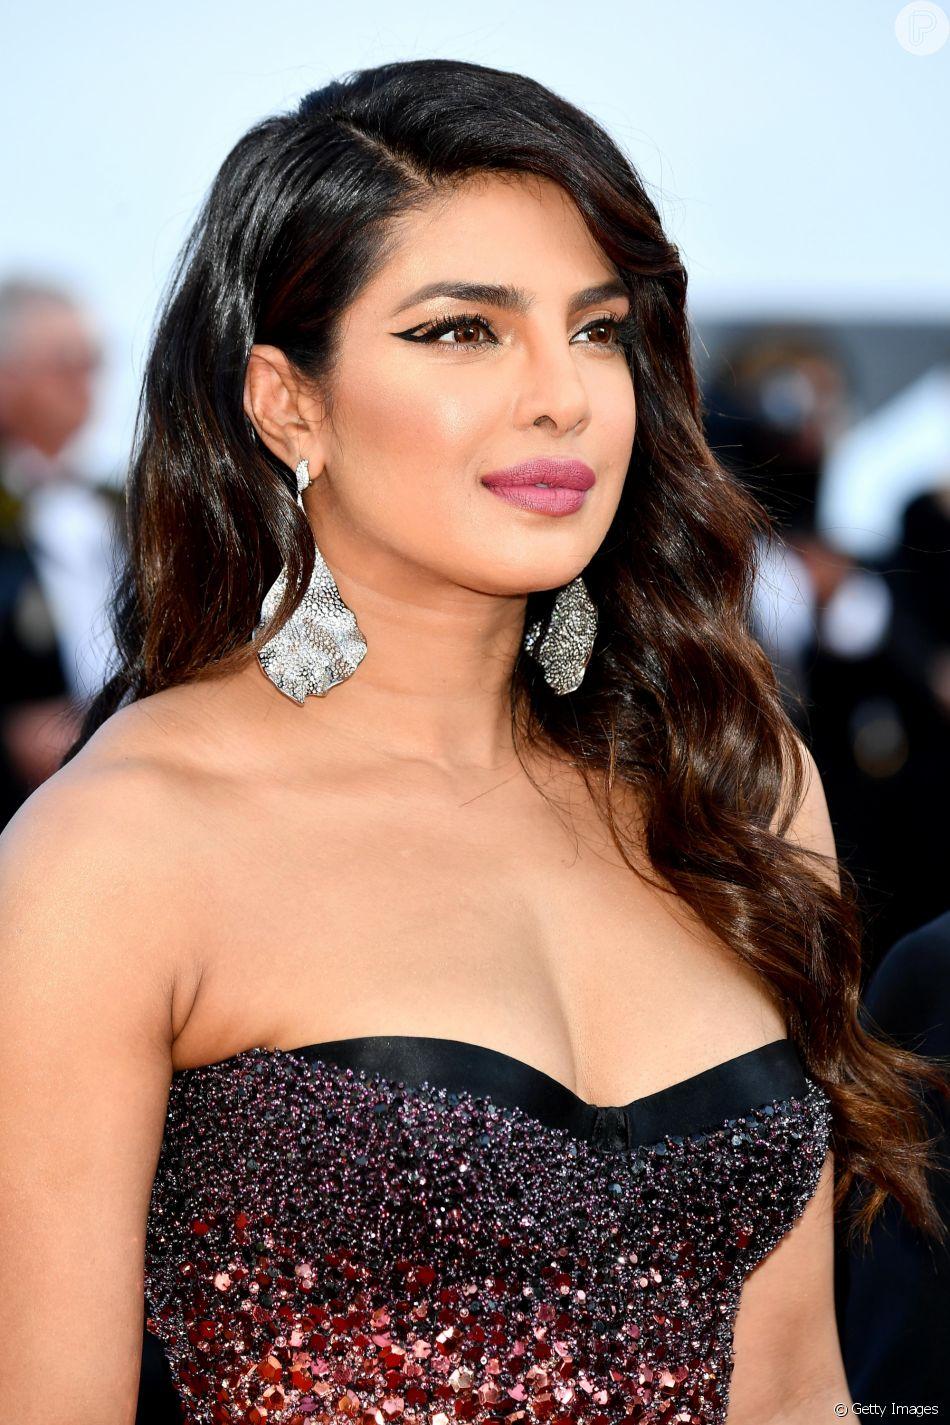 Maquiagem das famosas: o delineado gráfico e vazado de Priyanka Chopra vale a pena ser copiado por todas as mulheres. Olha quanta diferença!